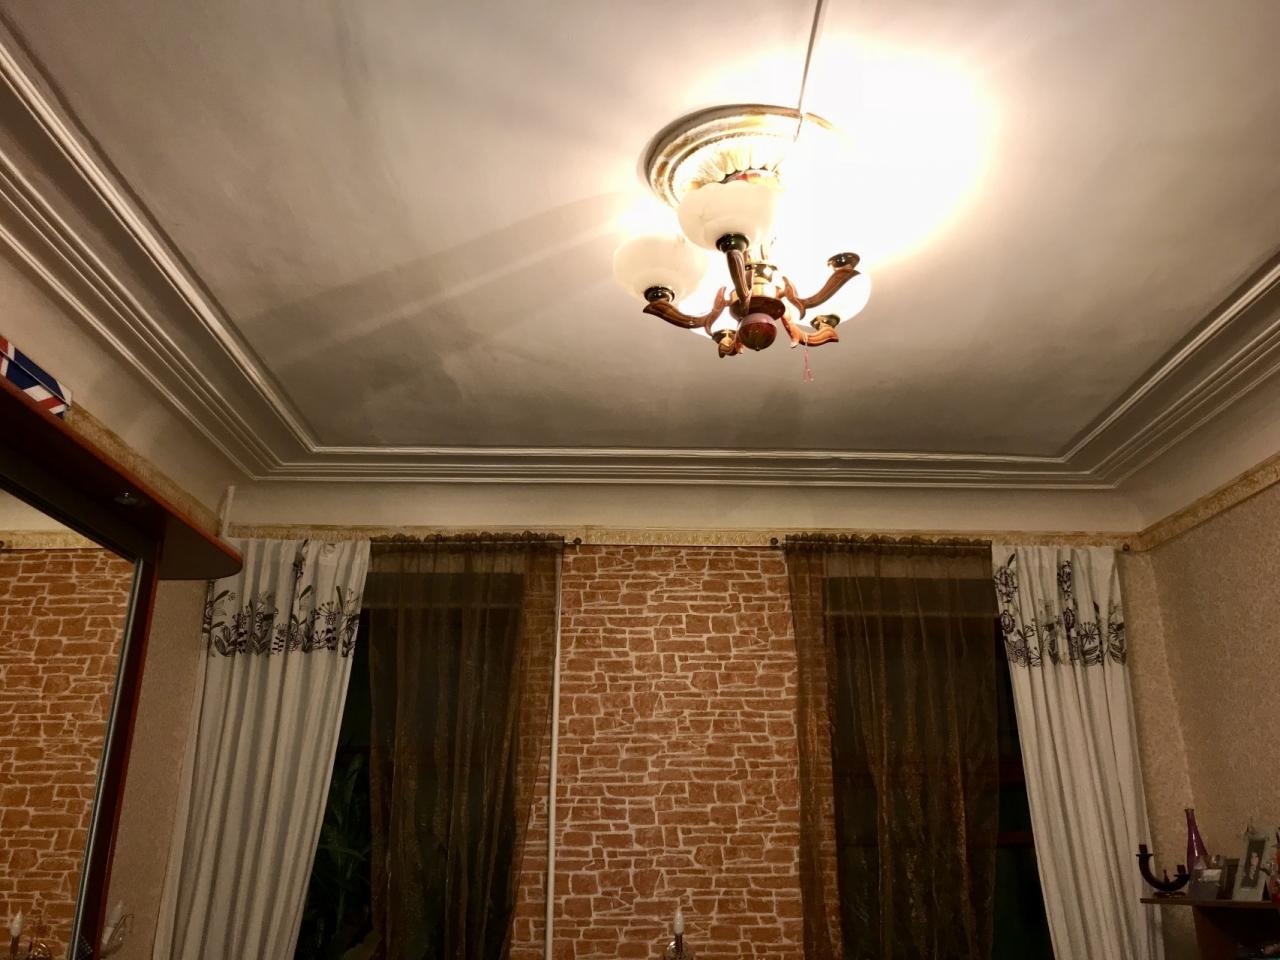 http://gja.pro.bkn.ru/images/s_big/f66e40c5-cf6a-11e7-b300-448a5bd44c07.jpg